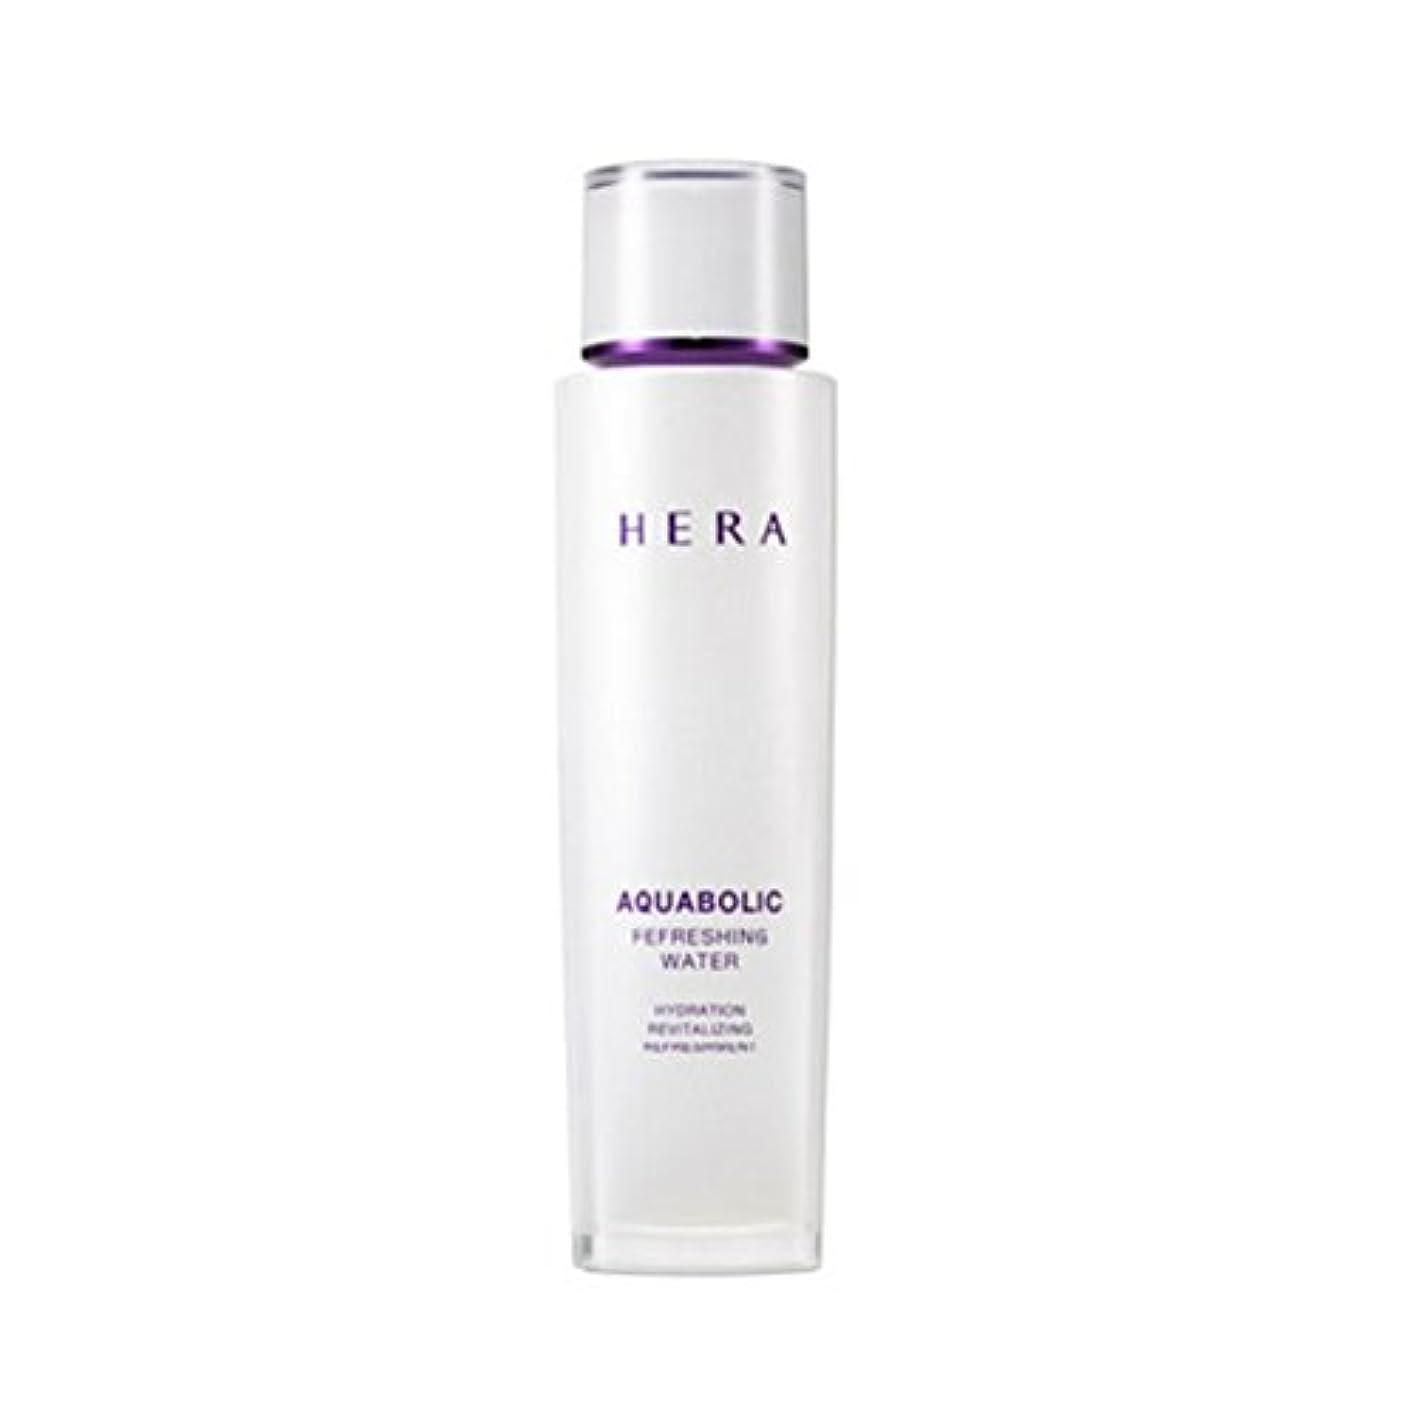 惨めなトランジスタコンセンサス(ヘラ) HERA アクアボリック リフレッシングウォーター (化粧水) 150ml / Aquabolic Refreshing Water 150ml (韓国直発送)